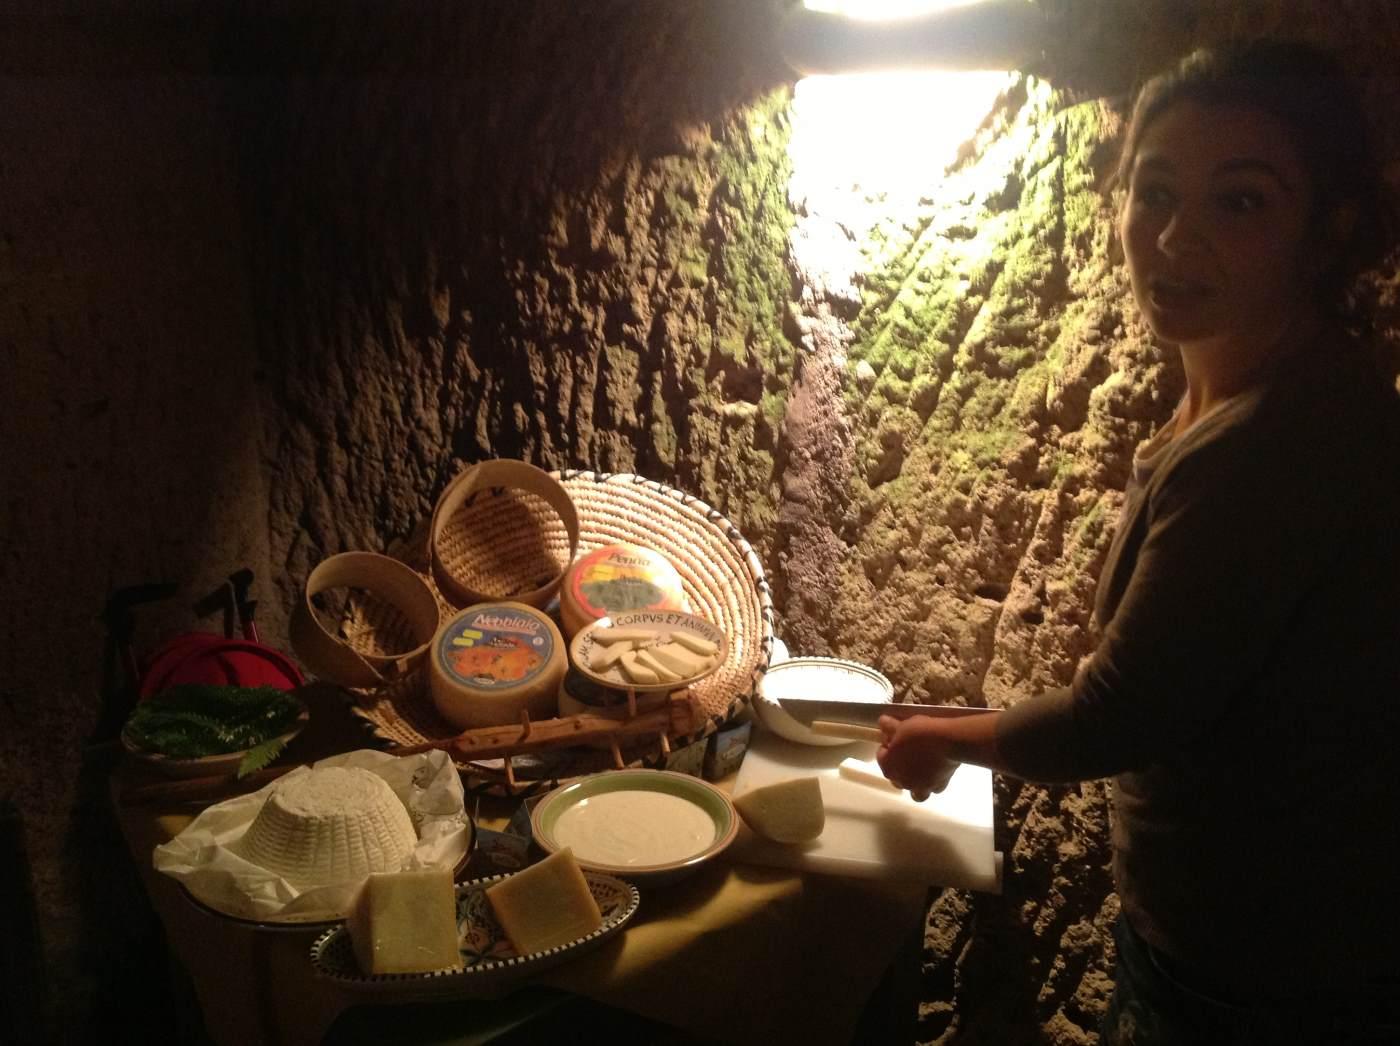 Eleonora del caseificio i renai, presenta i propri formaggi